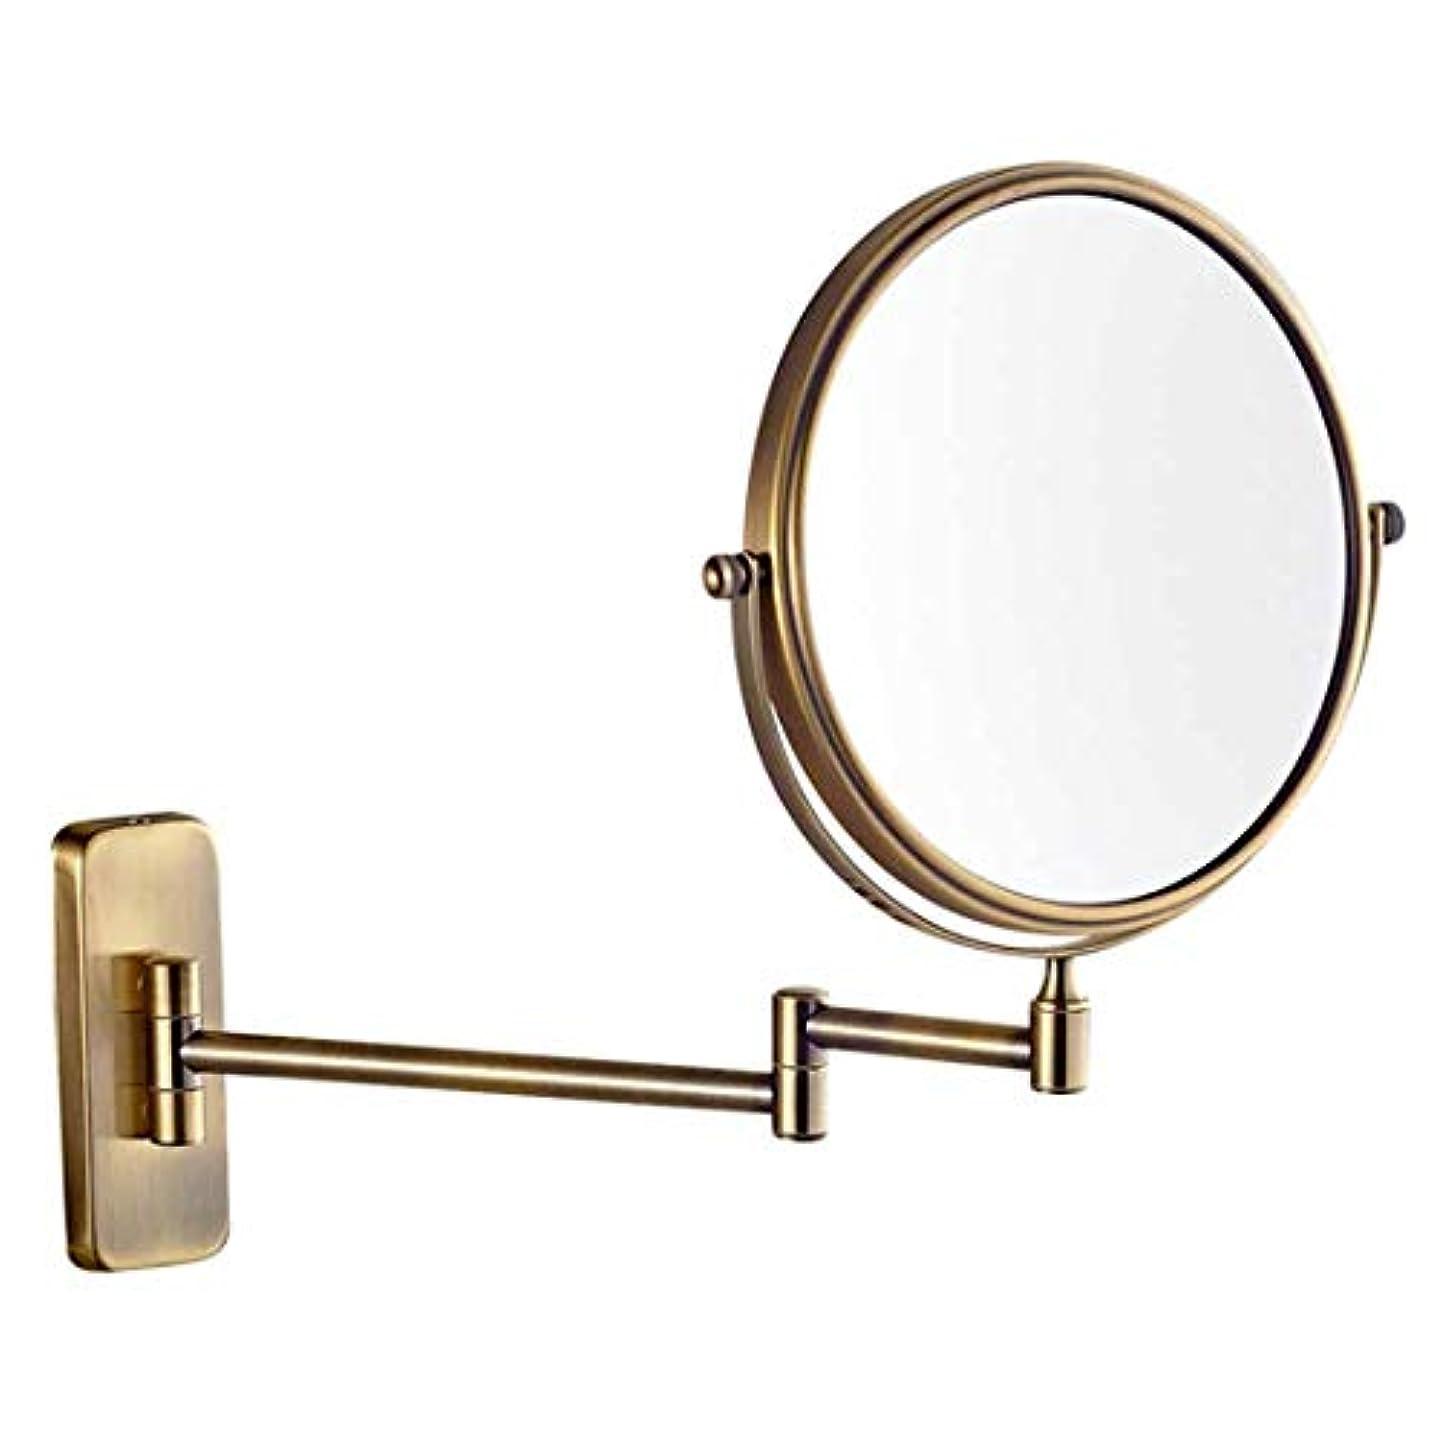 センサーであること証明する3倍(5倍、7倍、10倍)拡大壁掛けバスルーム化粧鏡ミラー両面シェービング化粧鏡,5X,20cm